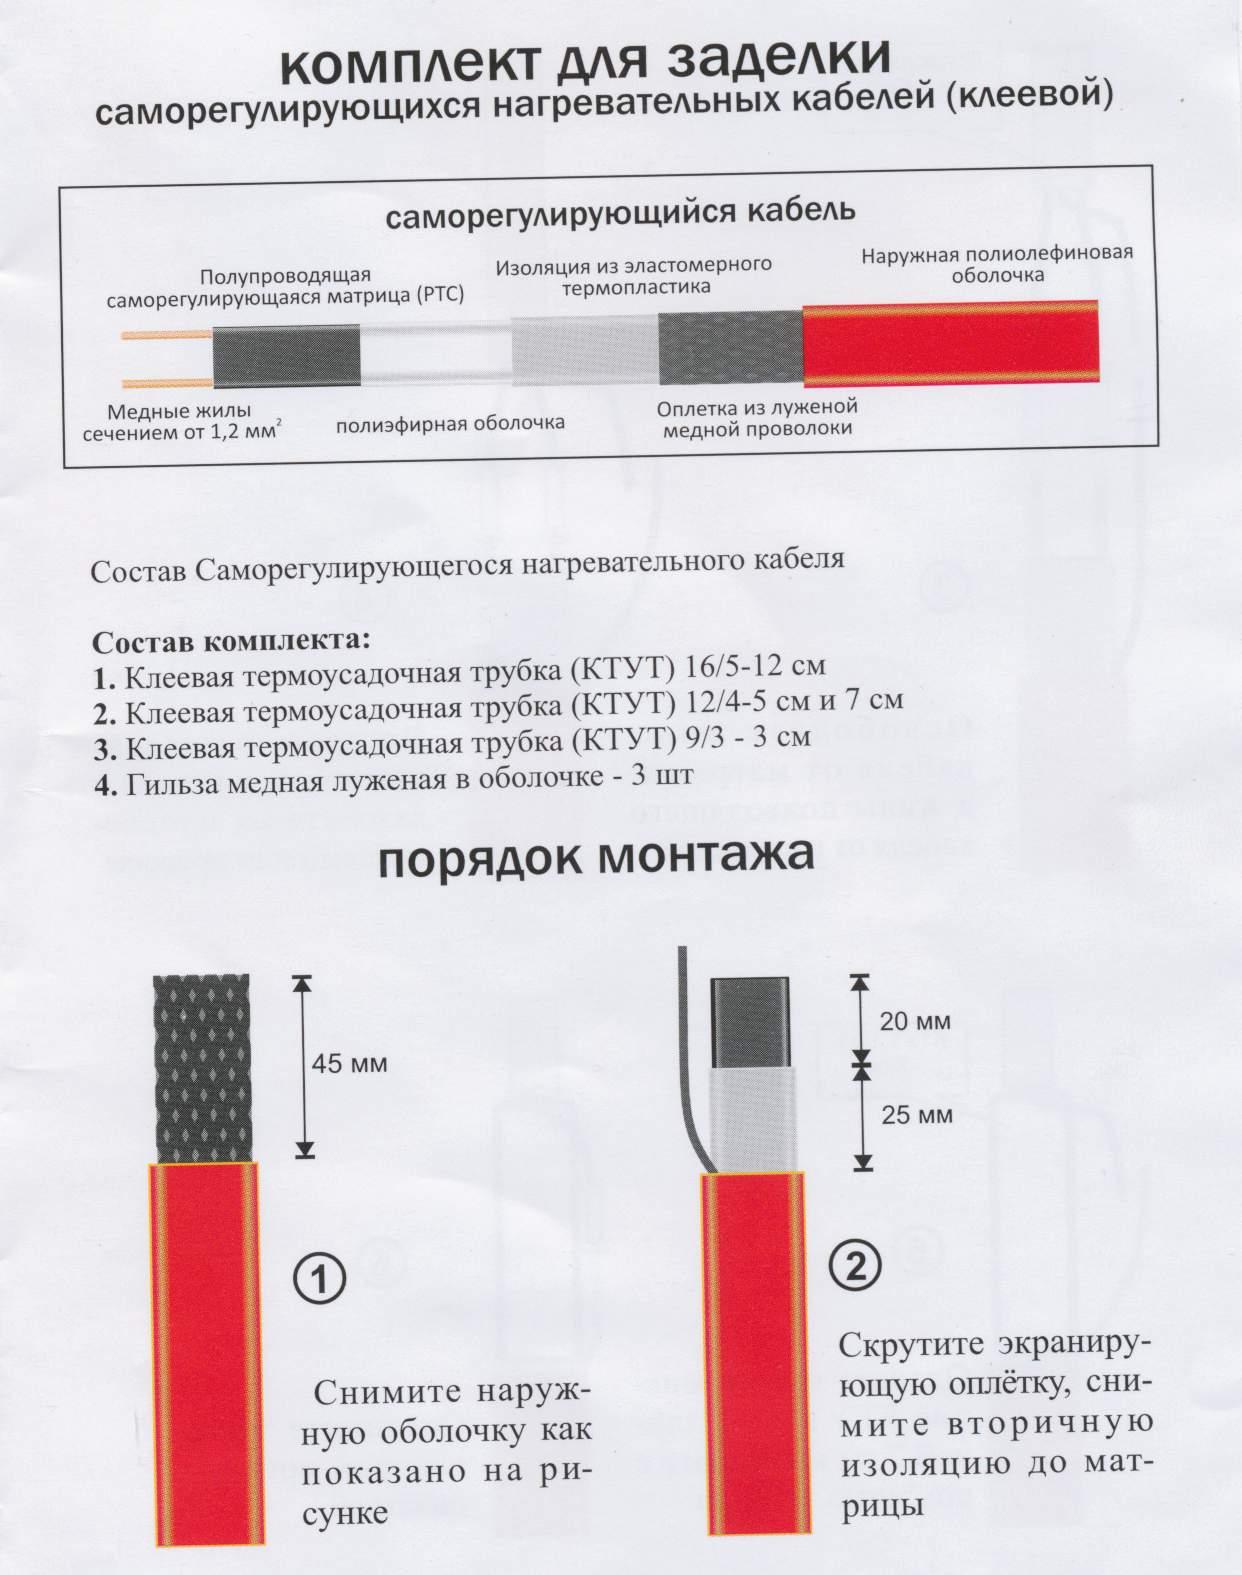 Саморегулирующийся нагревательный кабель- схема подключения из комплекта для заделки